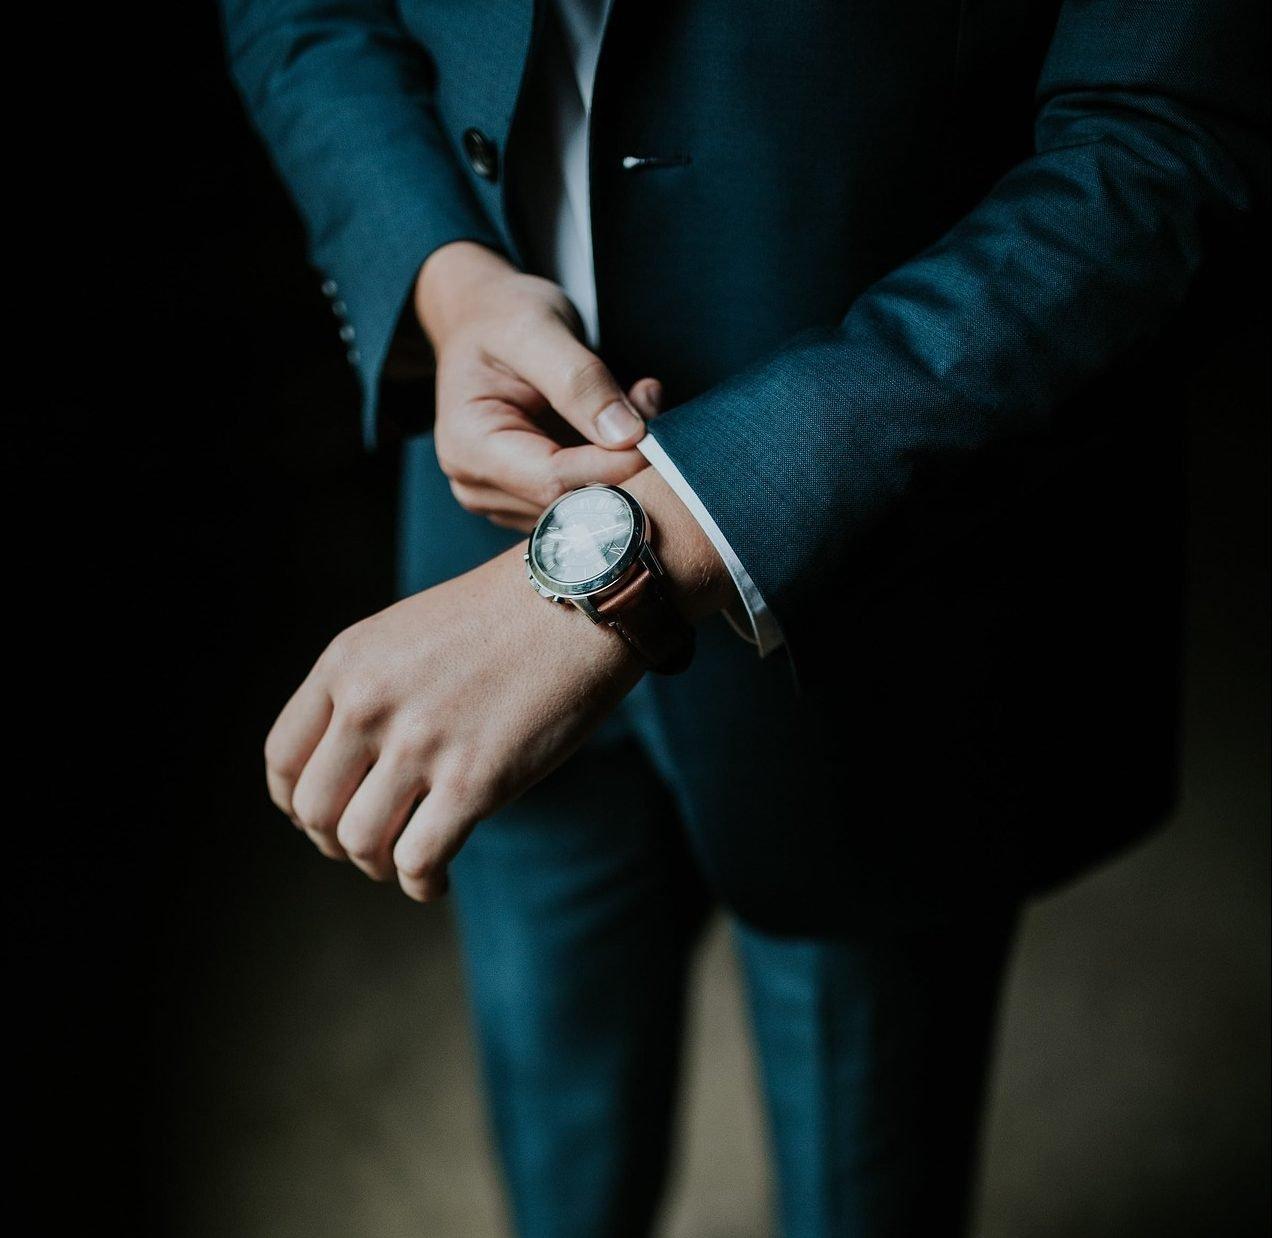 Zegarki – jak się rodzi do nich pasja?